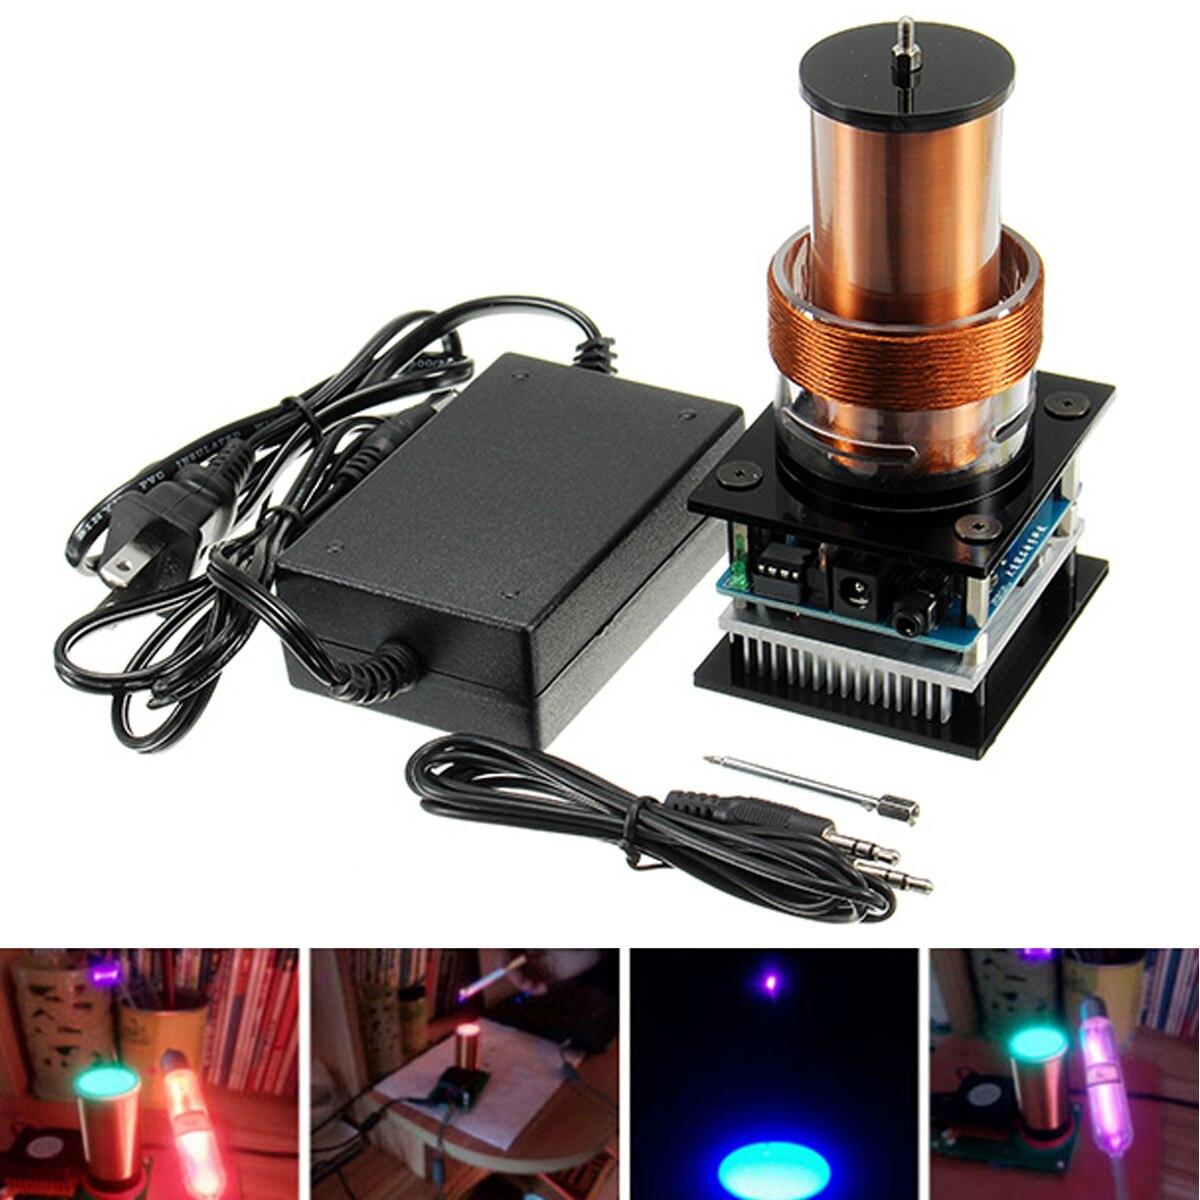 LEORY Mini AC 100-240 V 50-60Hz haute puissance musique pour Tesla bobine Plasma haut-parleur avec adaptateur